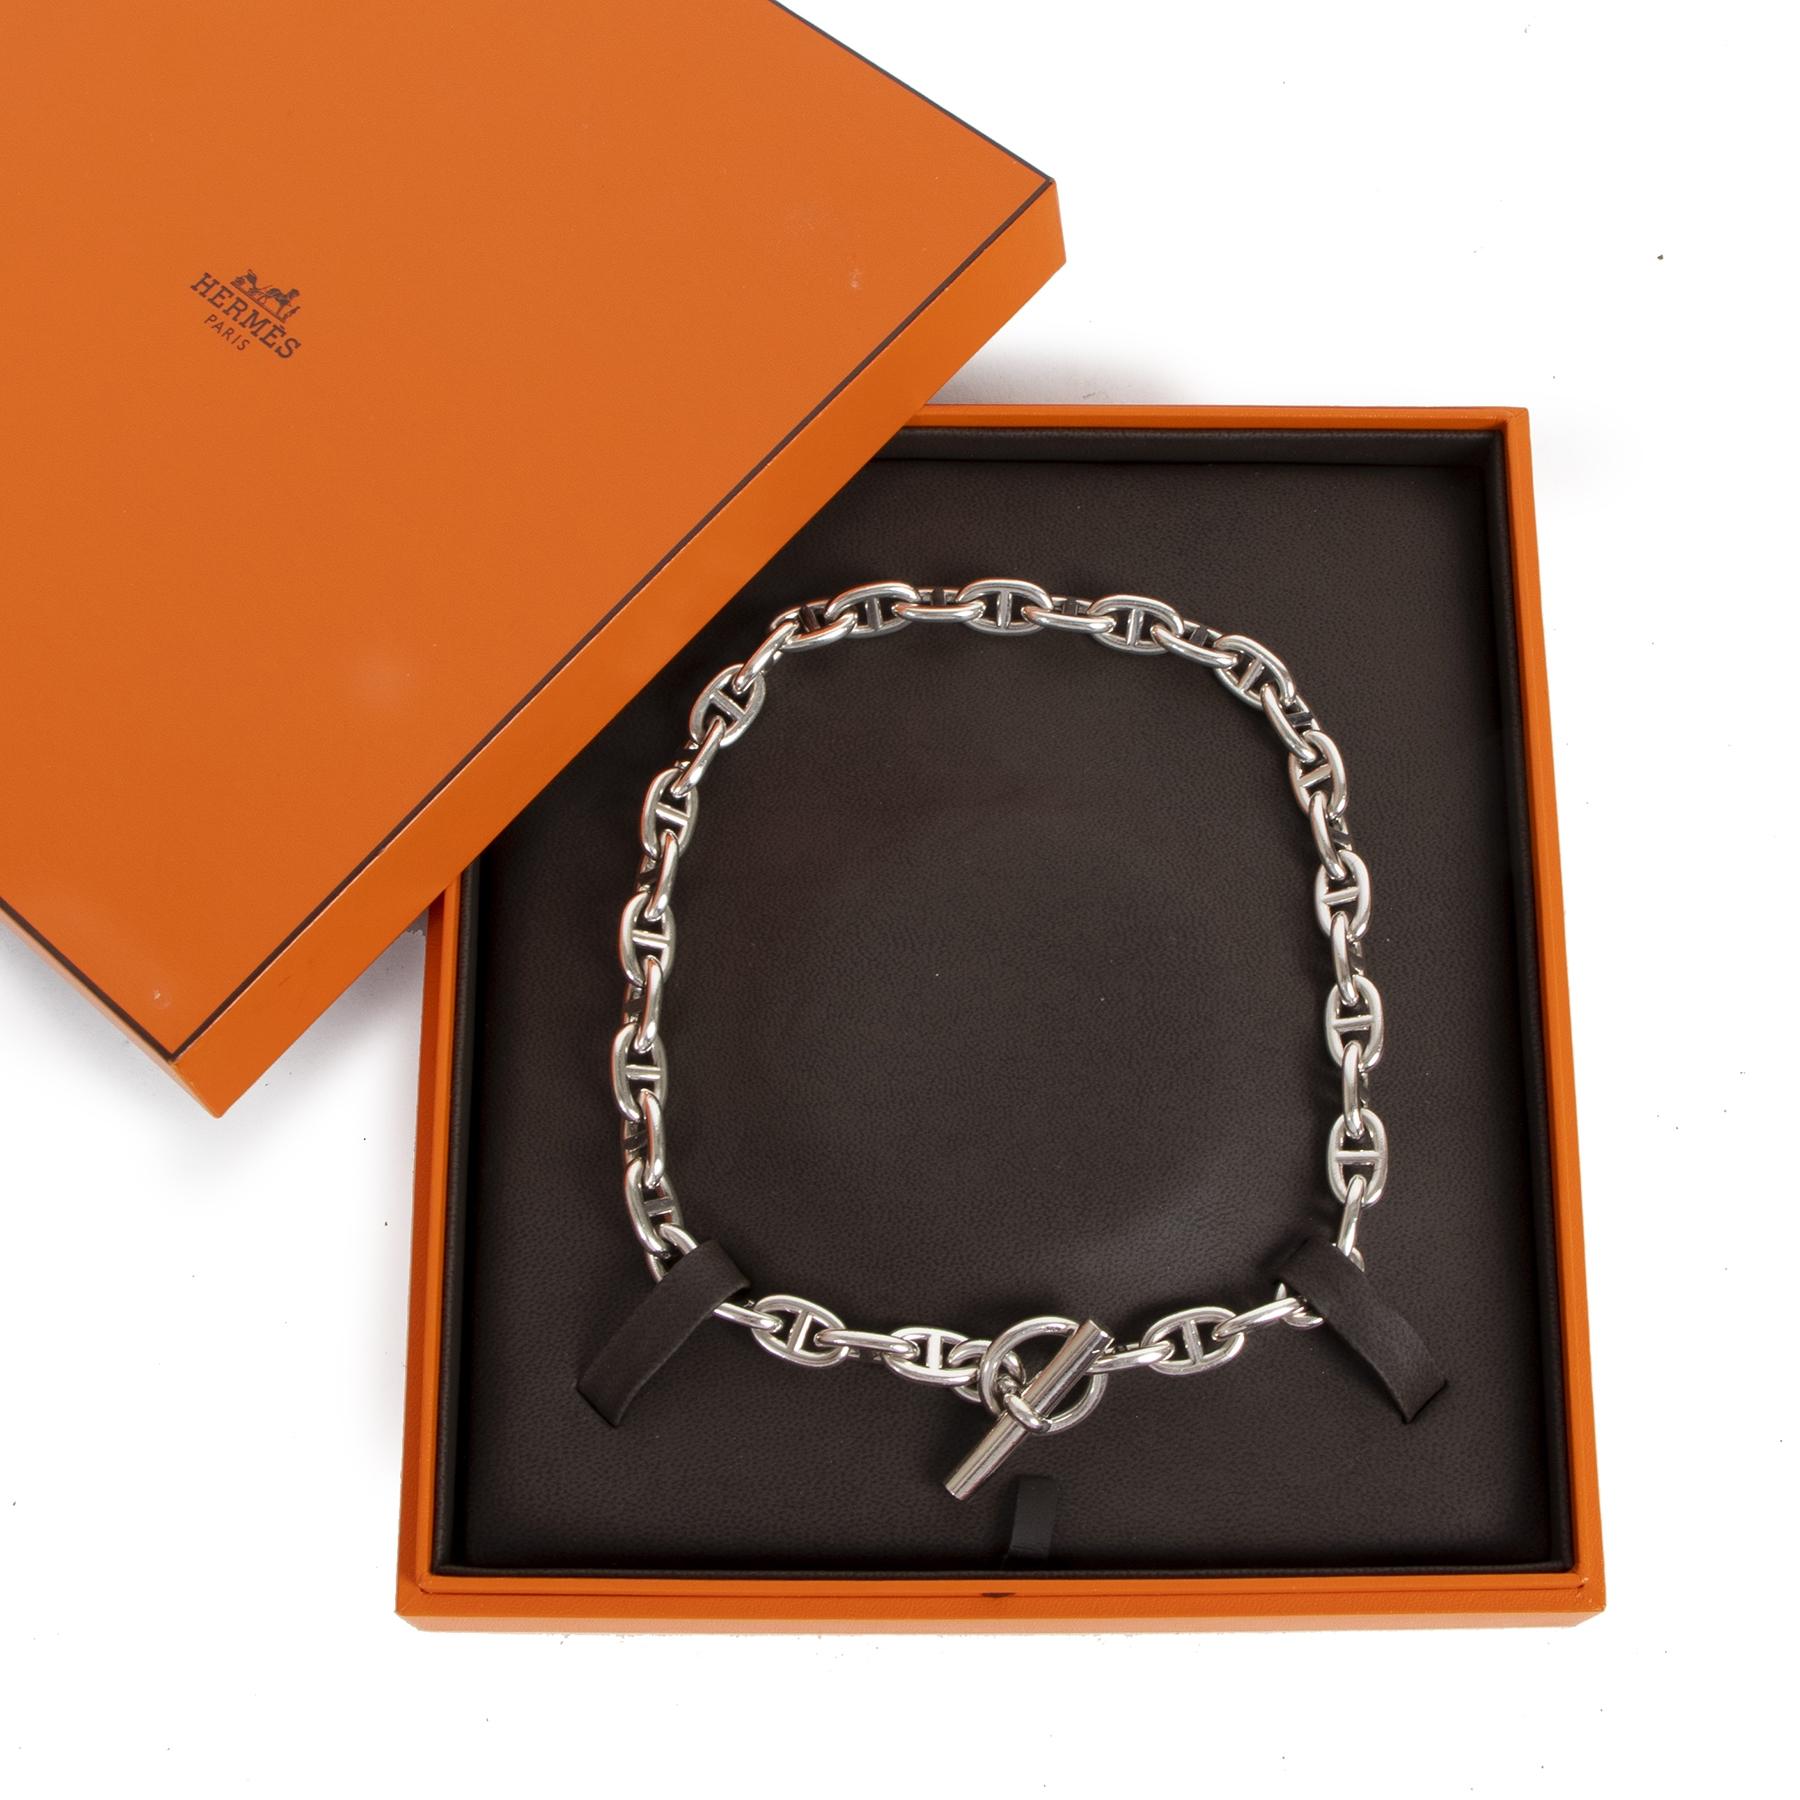 Koop authentieke tweedehands Hermes halskettingen met de juiste prijs bij LabelLOV.